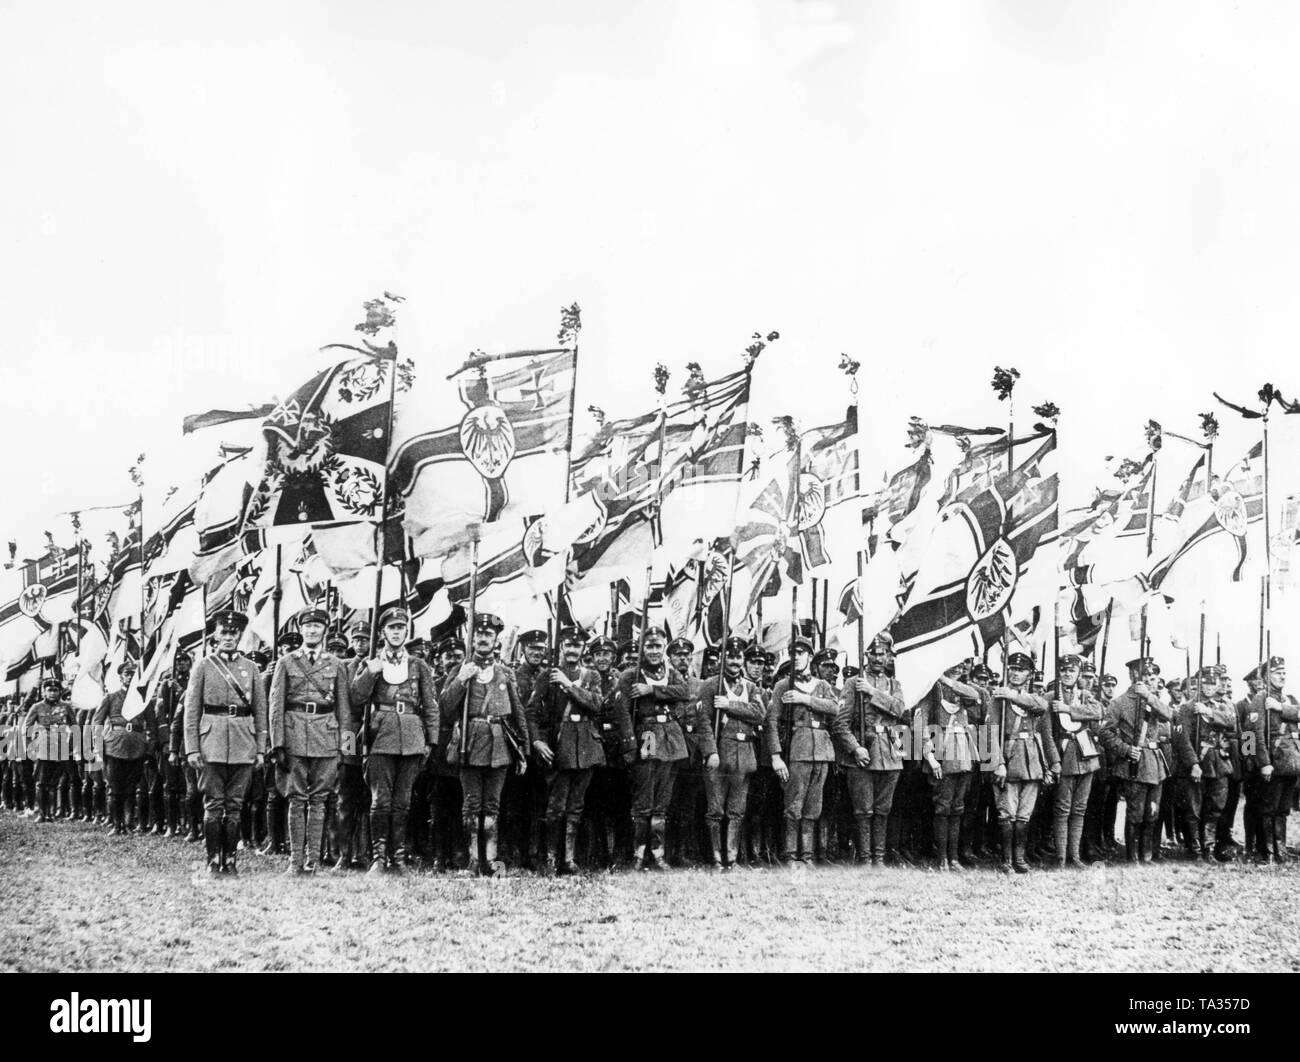 Flaggenstreit: Schwarz-weiß-rot (rechtskonservativ) gegen schwarz-rot-gold (linksrepublikanisch), Deutschland 1919-1932, Weimarer Republik, , 01.01.1919-31.12.1932 | Flag dispute: black-white-red (conservative right) against black-red-gold (republican left), Germany 1919-1932 Weimar Republic, 01.01.1919-31.12.1932 - Stock Image